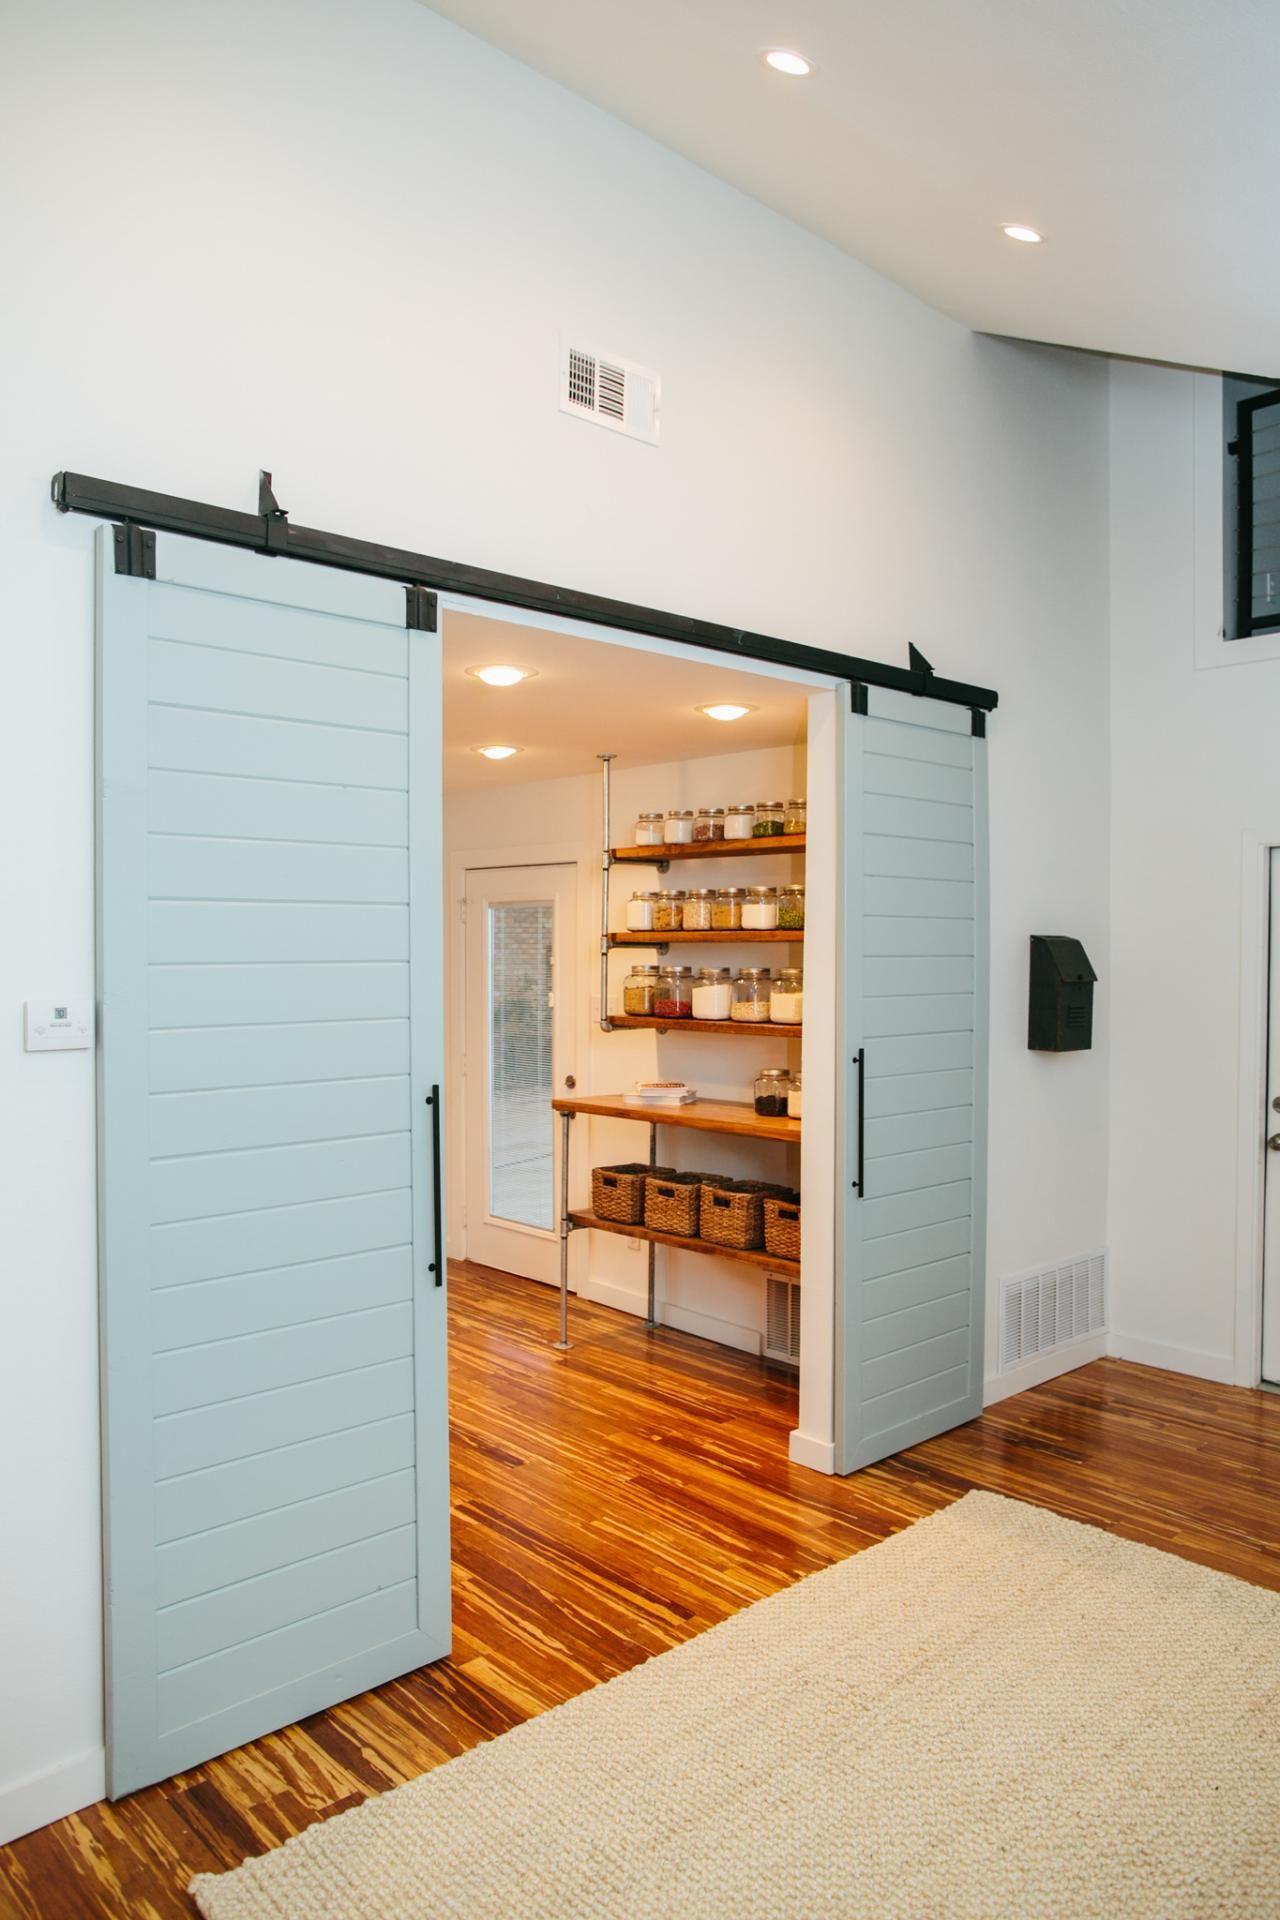 kitchen makeover ideas from fixer upper haus schiebe t r wohnzimmer und k che. Black Bedroom Furniture Sets. Home Design Ideas